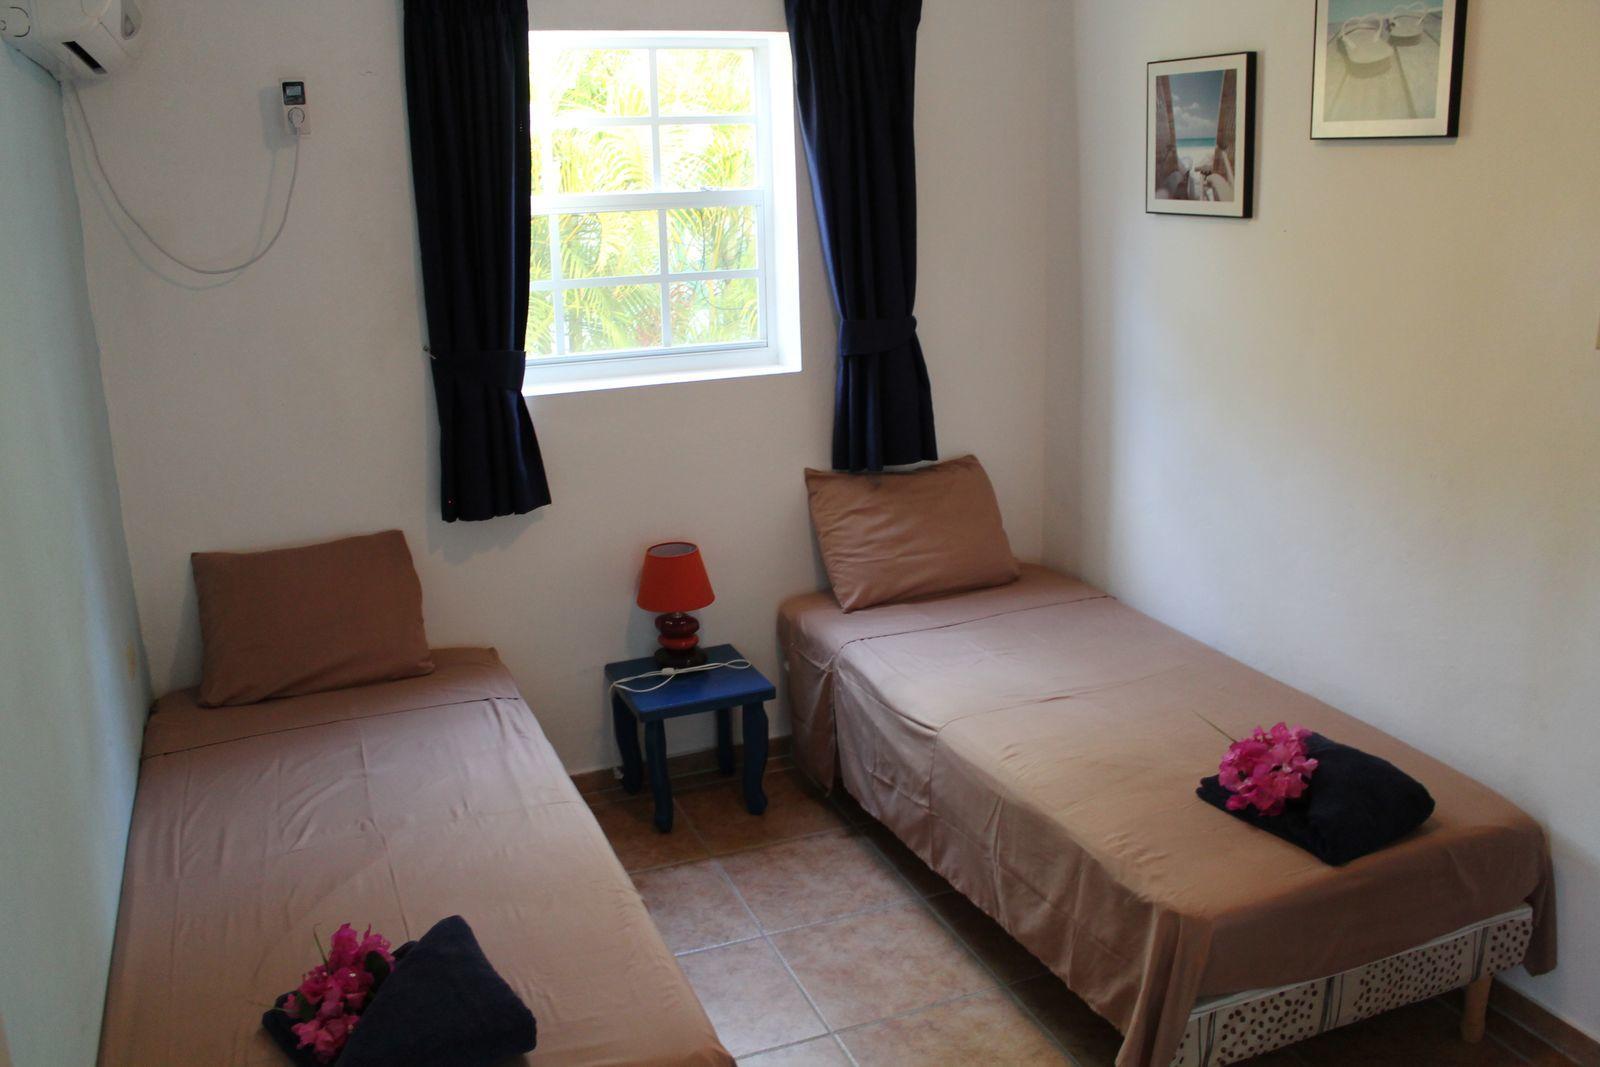 4 Slaapkamer Appartement - Aan Zee - Begane Grond